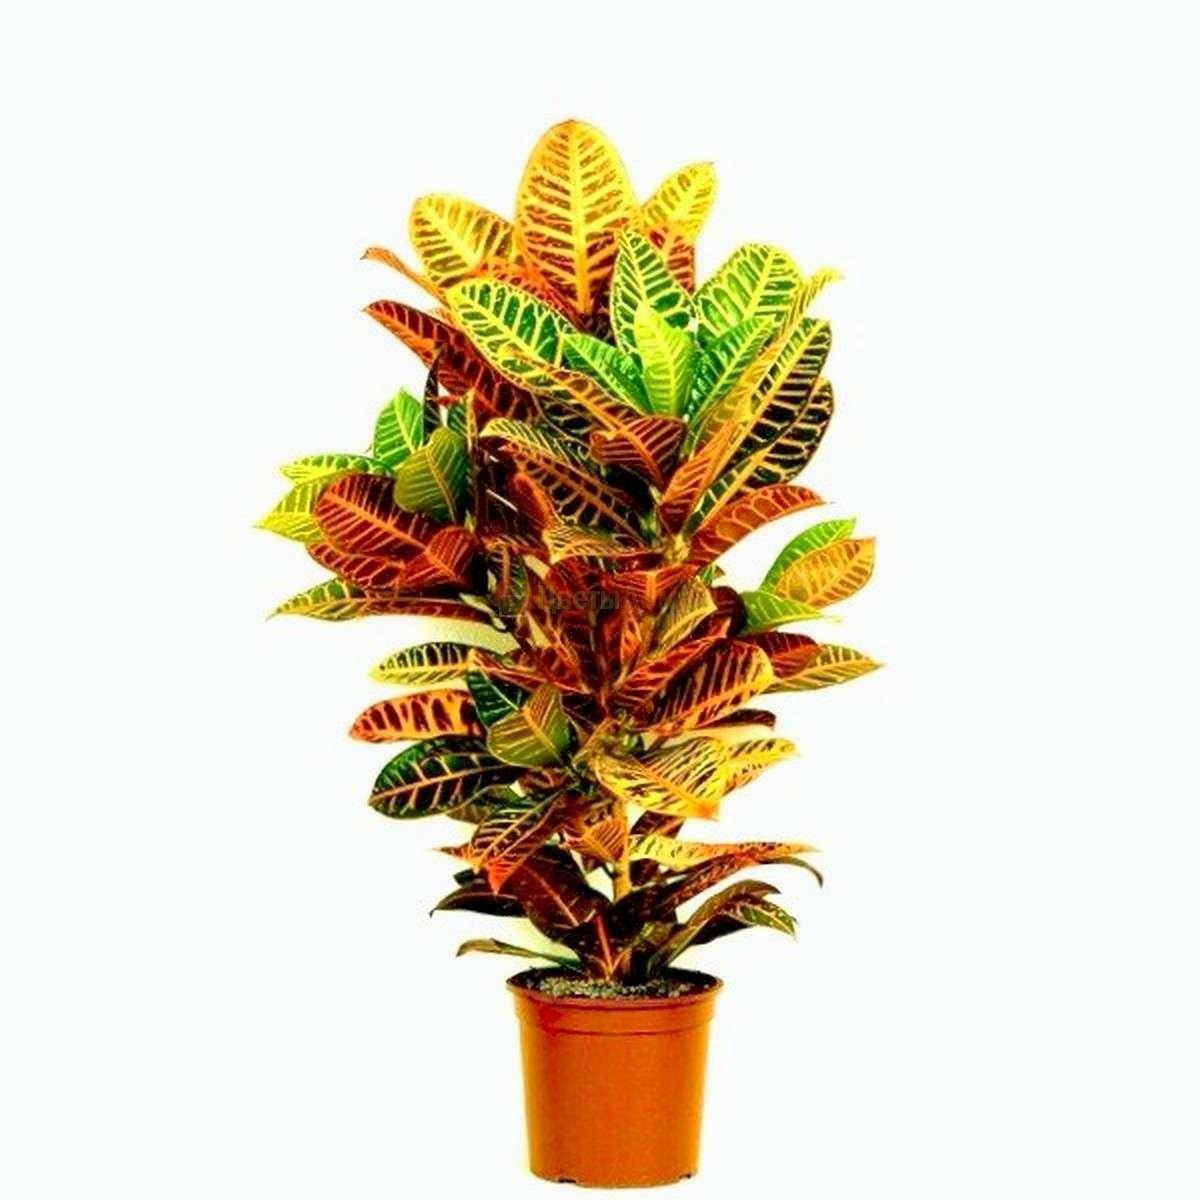 многолетний кустарник кодиеум экселент: уход в домашних условиях, возможные проблемы при выращивании